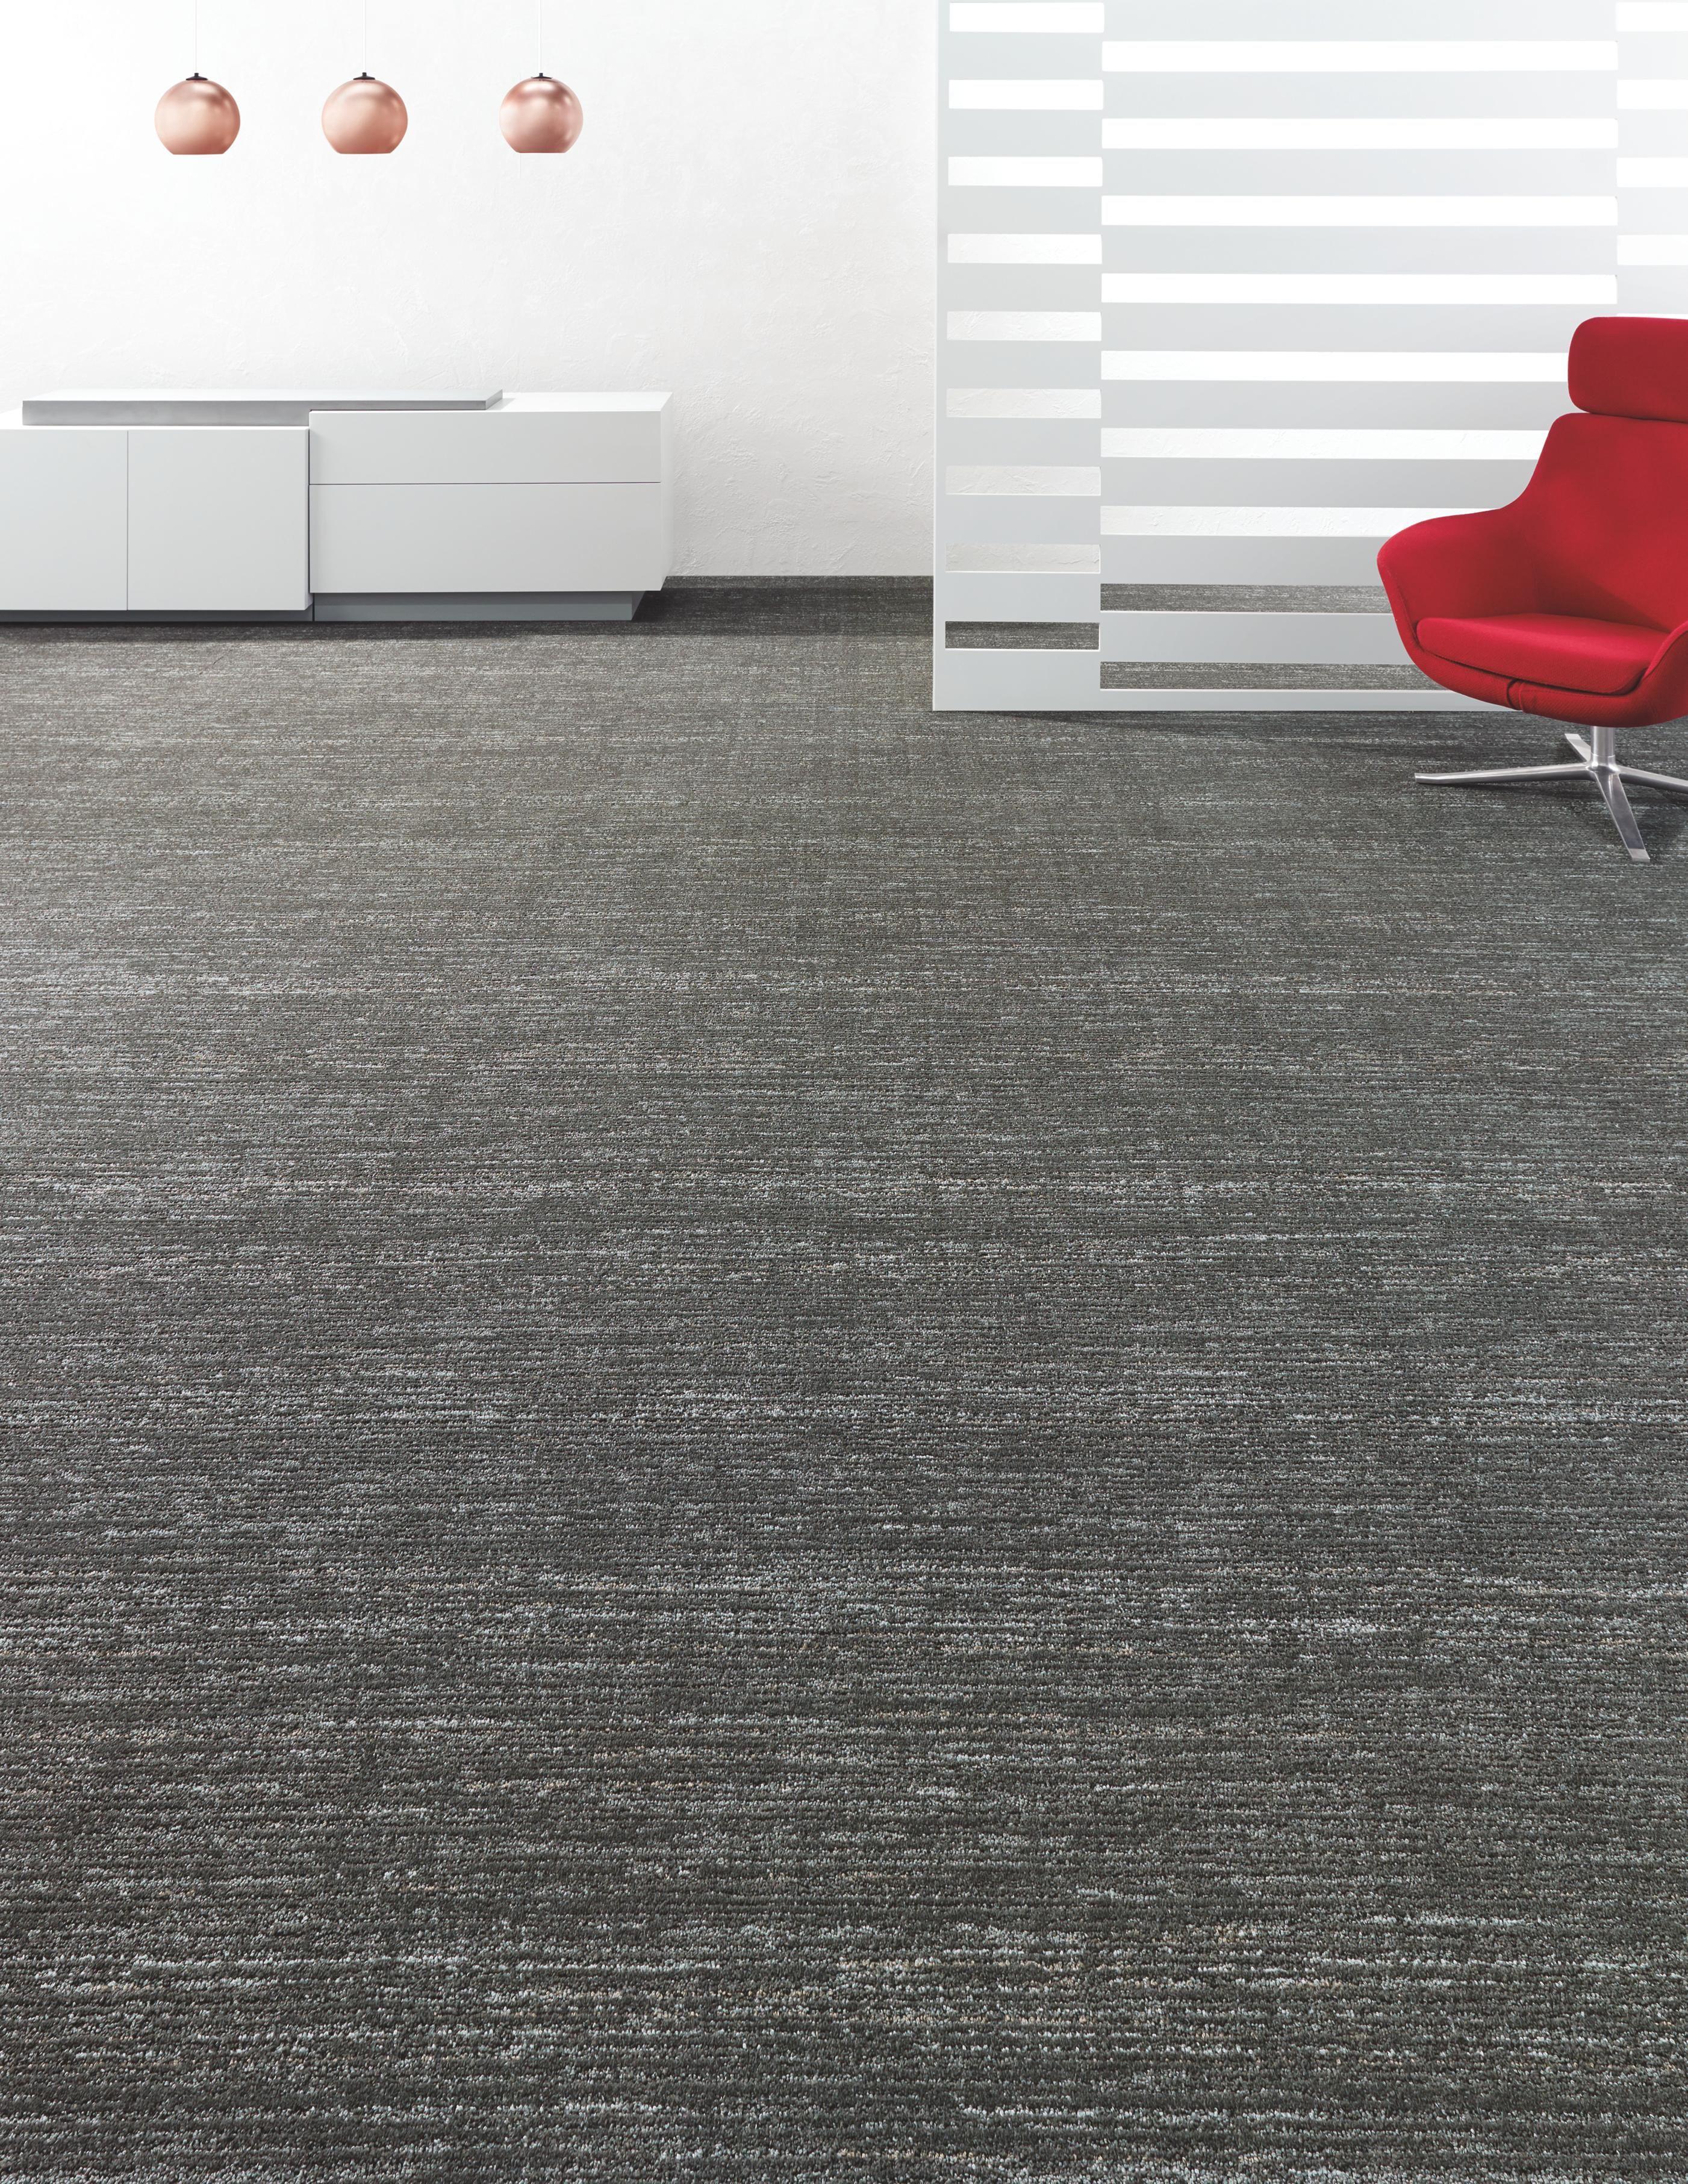 Chok Loom 5a211 Shaw Contract Shaw Hospitality Carpet Tiles For Basement Carpet Tiles Carpet Tiles Basement